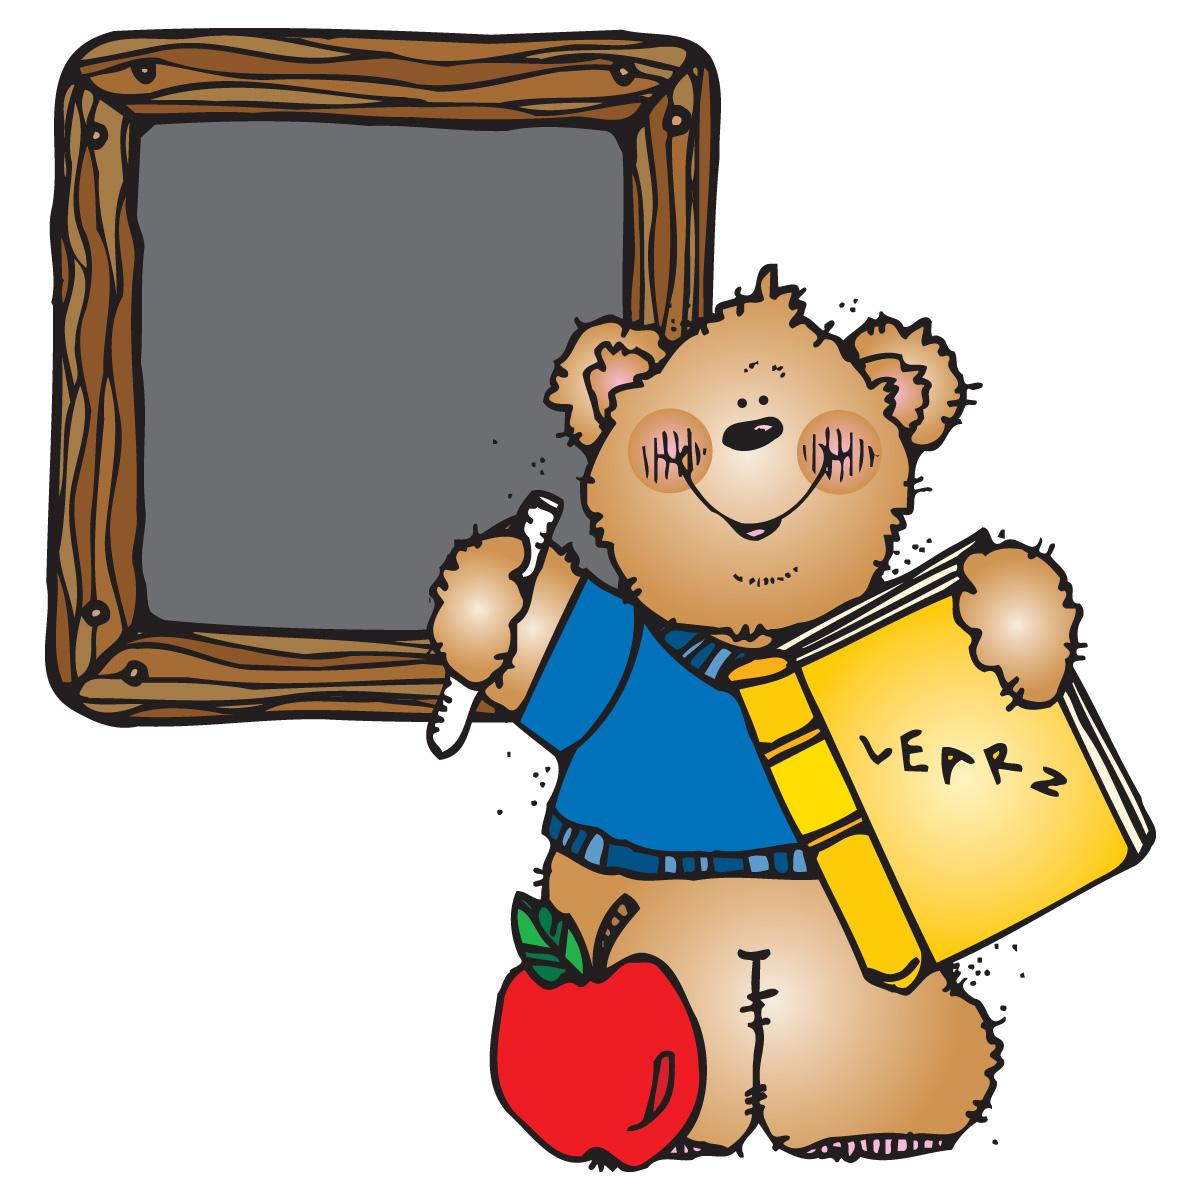 Teacher appreciation week funny cliparts picture transparent stock Teacher Appreciation Week Clipart | Free download best ... picture transparent stock